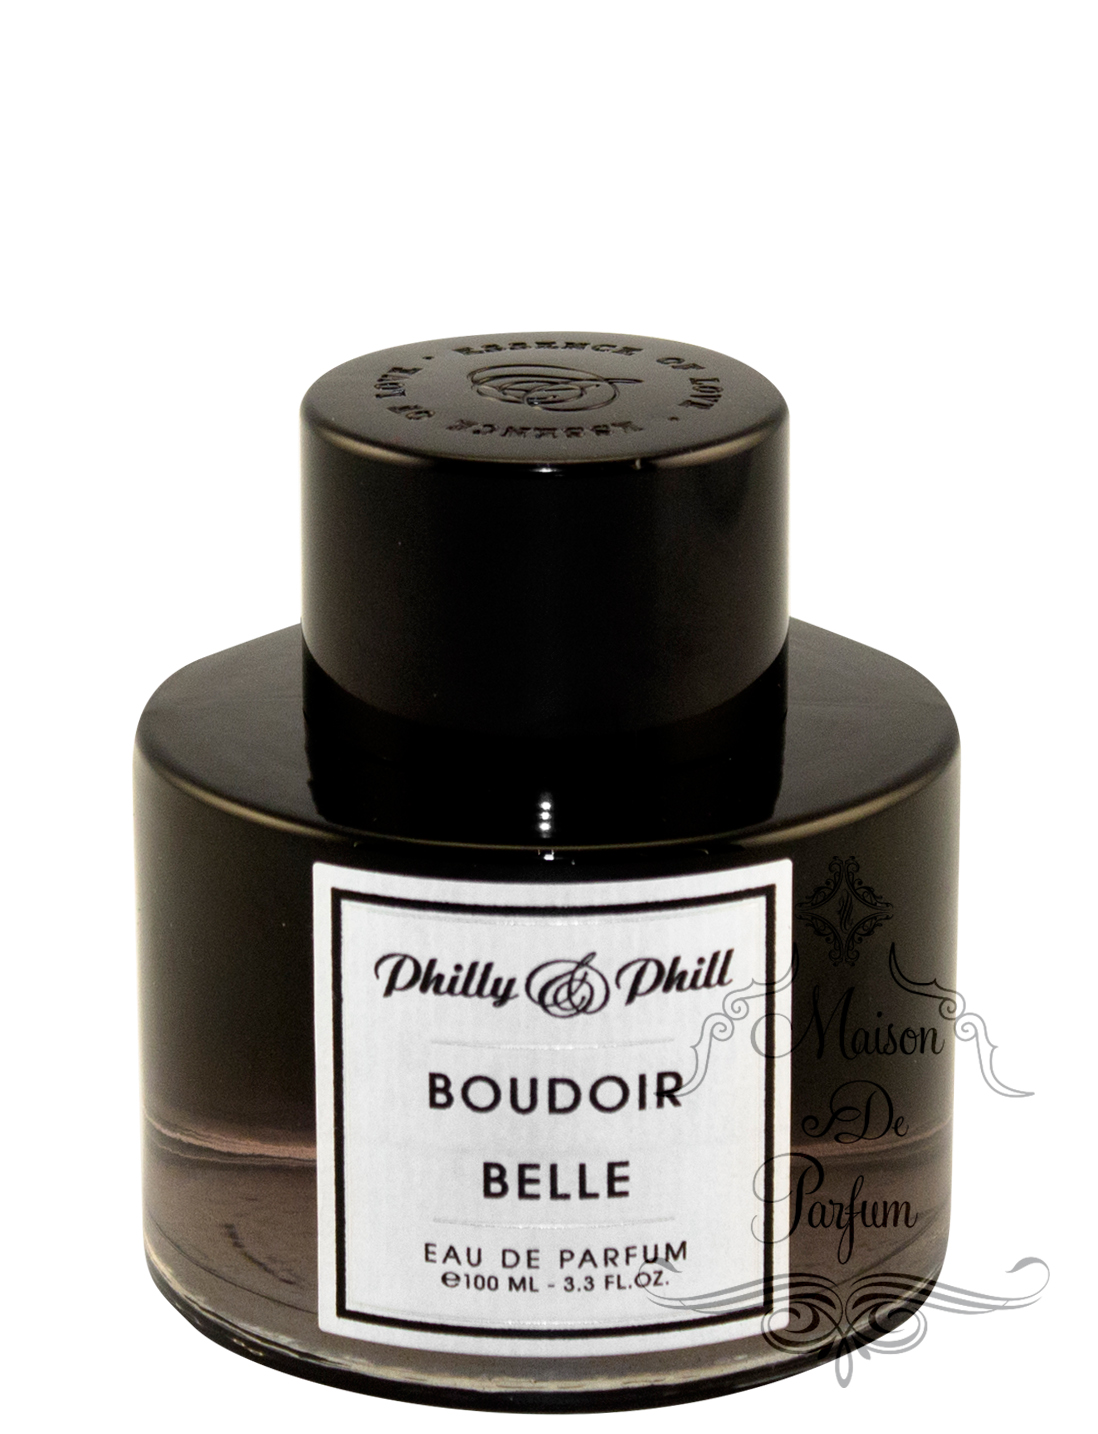 Boudoir Belle